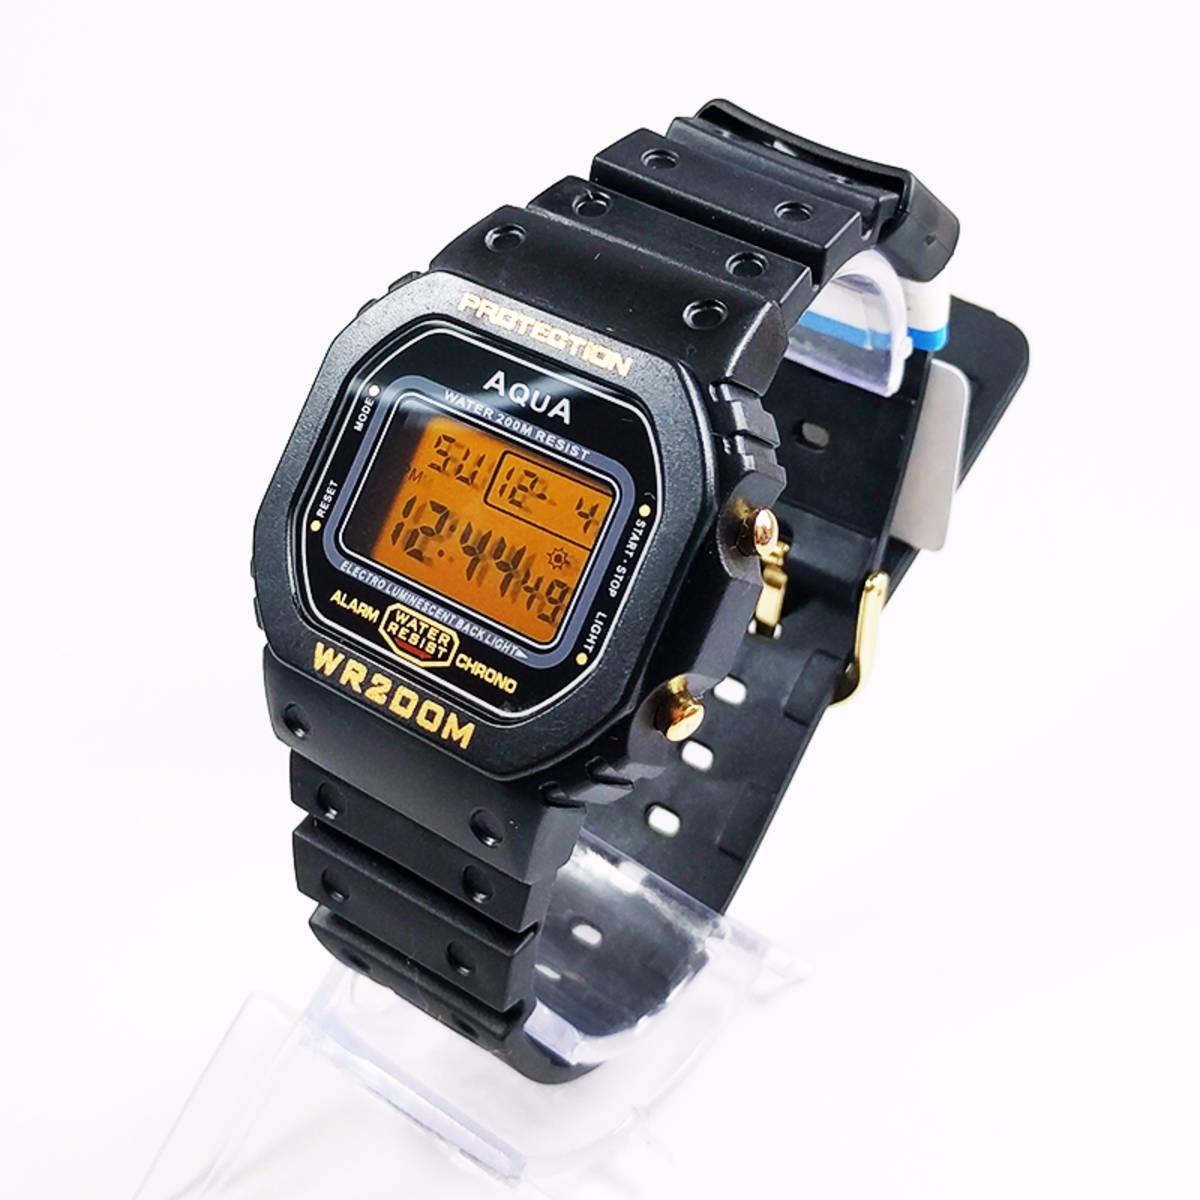 f7ea82b720b relógio digital masculino barato aqua prova d agua   cassio. Carregando zoom .